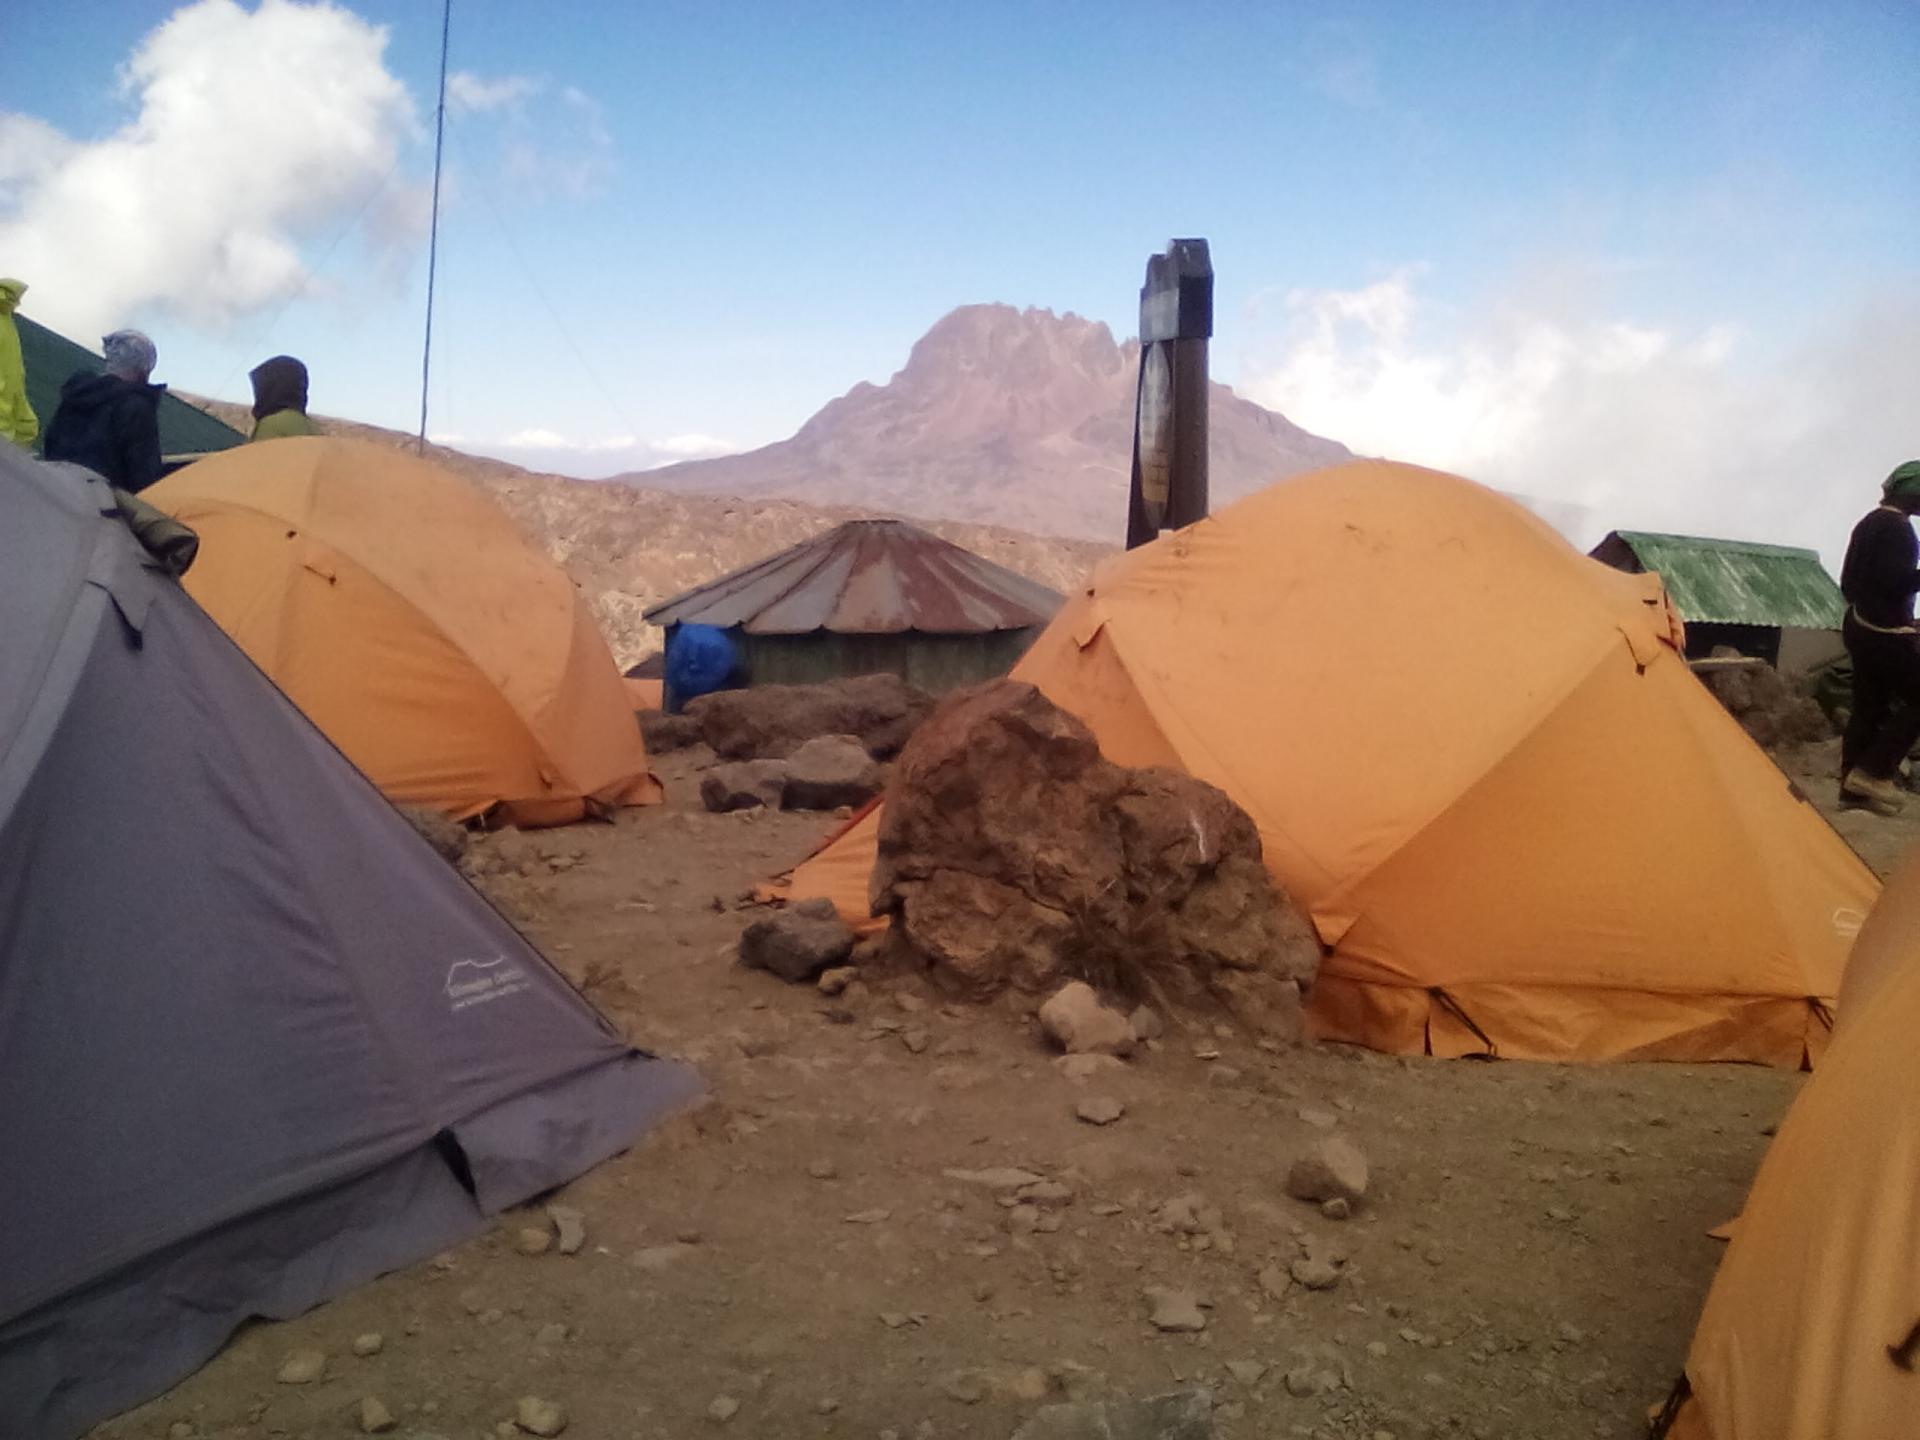 yha kenya travel, kilimanjaro, mountain adventures, climbing Kilimanjaro,climbing mount Kilimanjaro